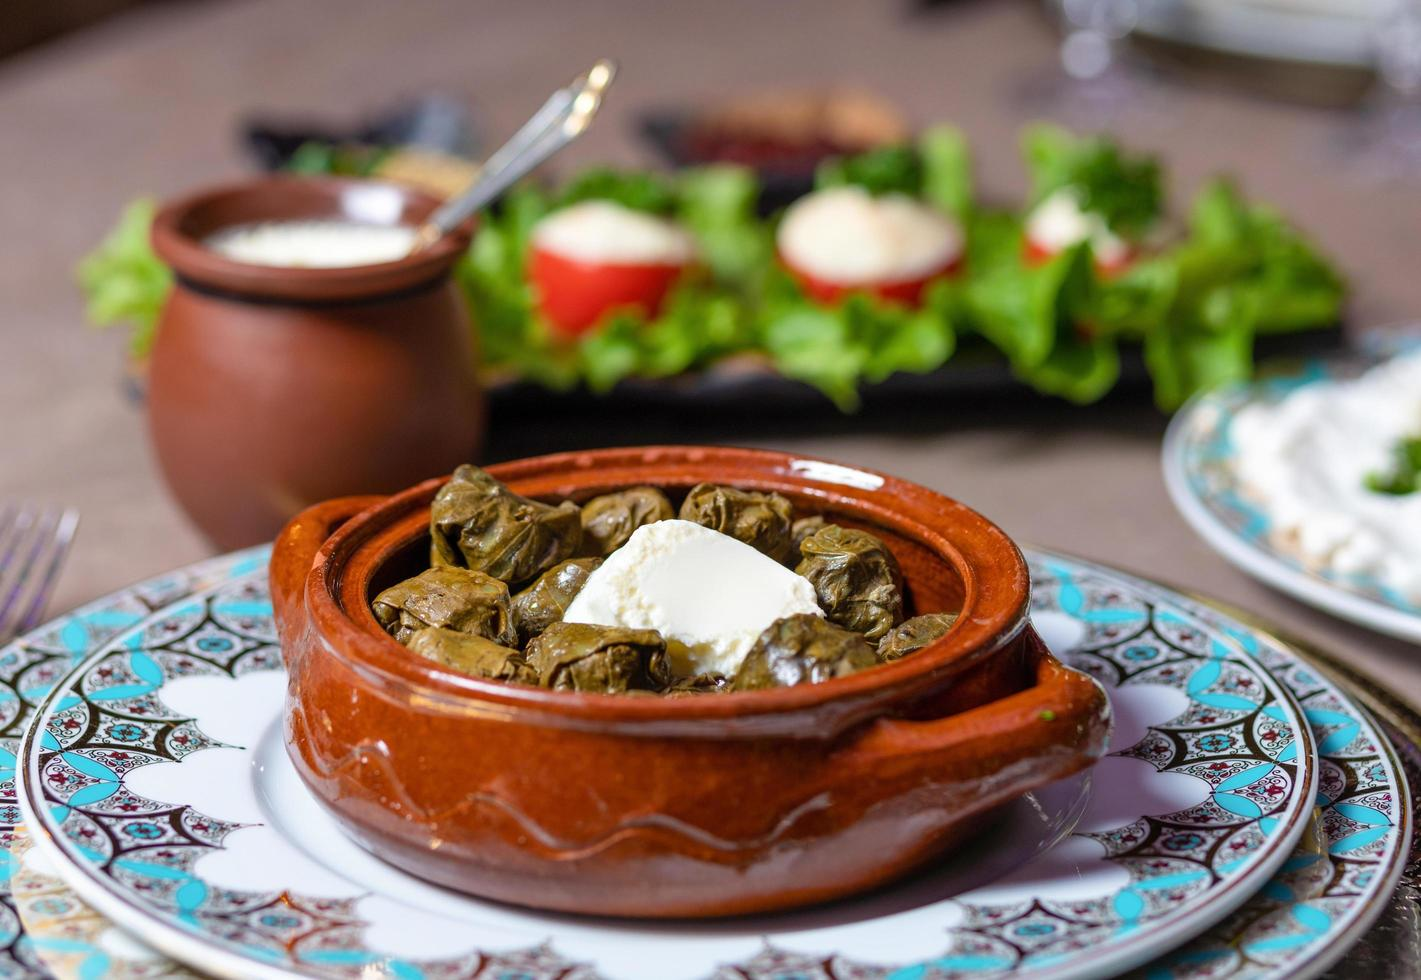 comida azerbaiyana en platos decorativos foto